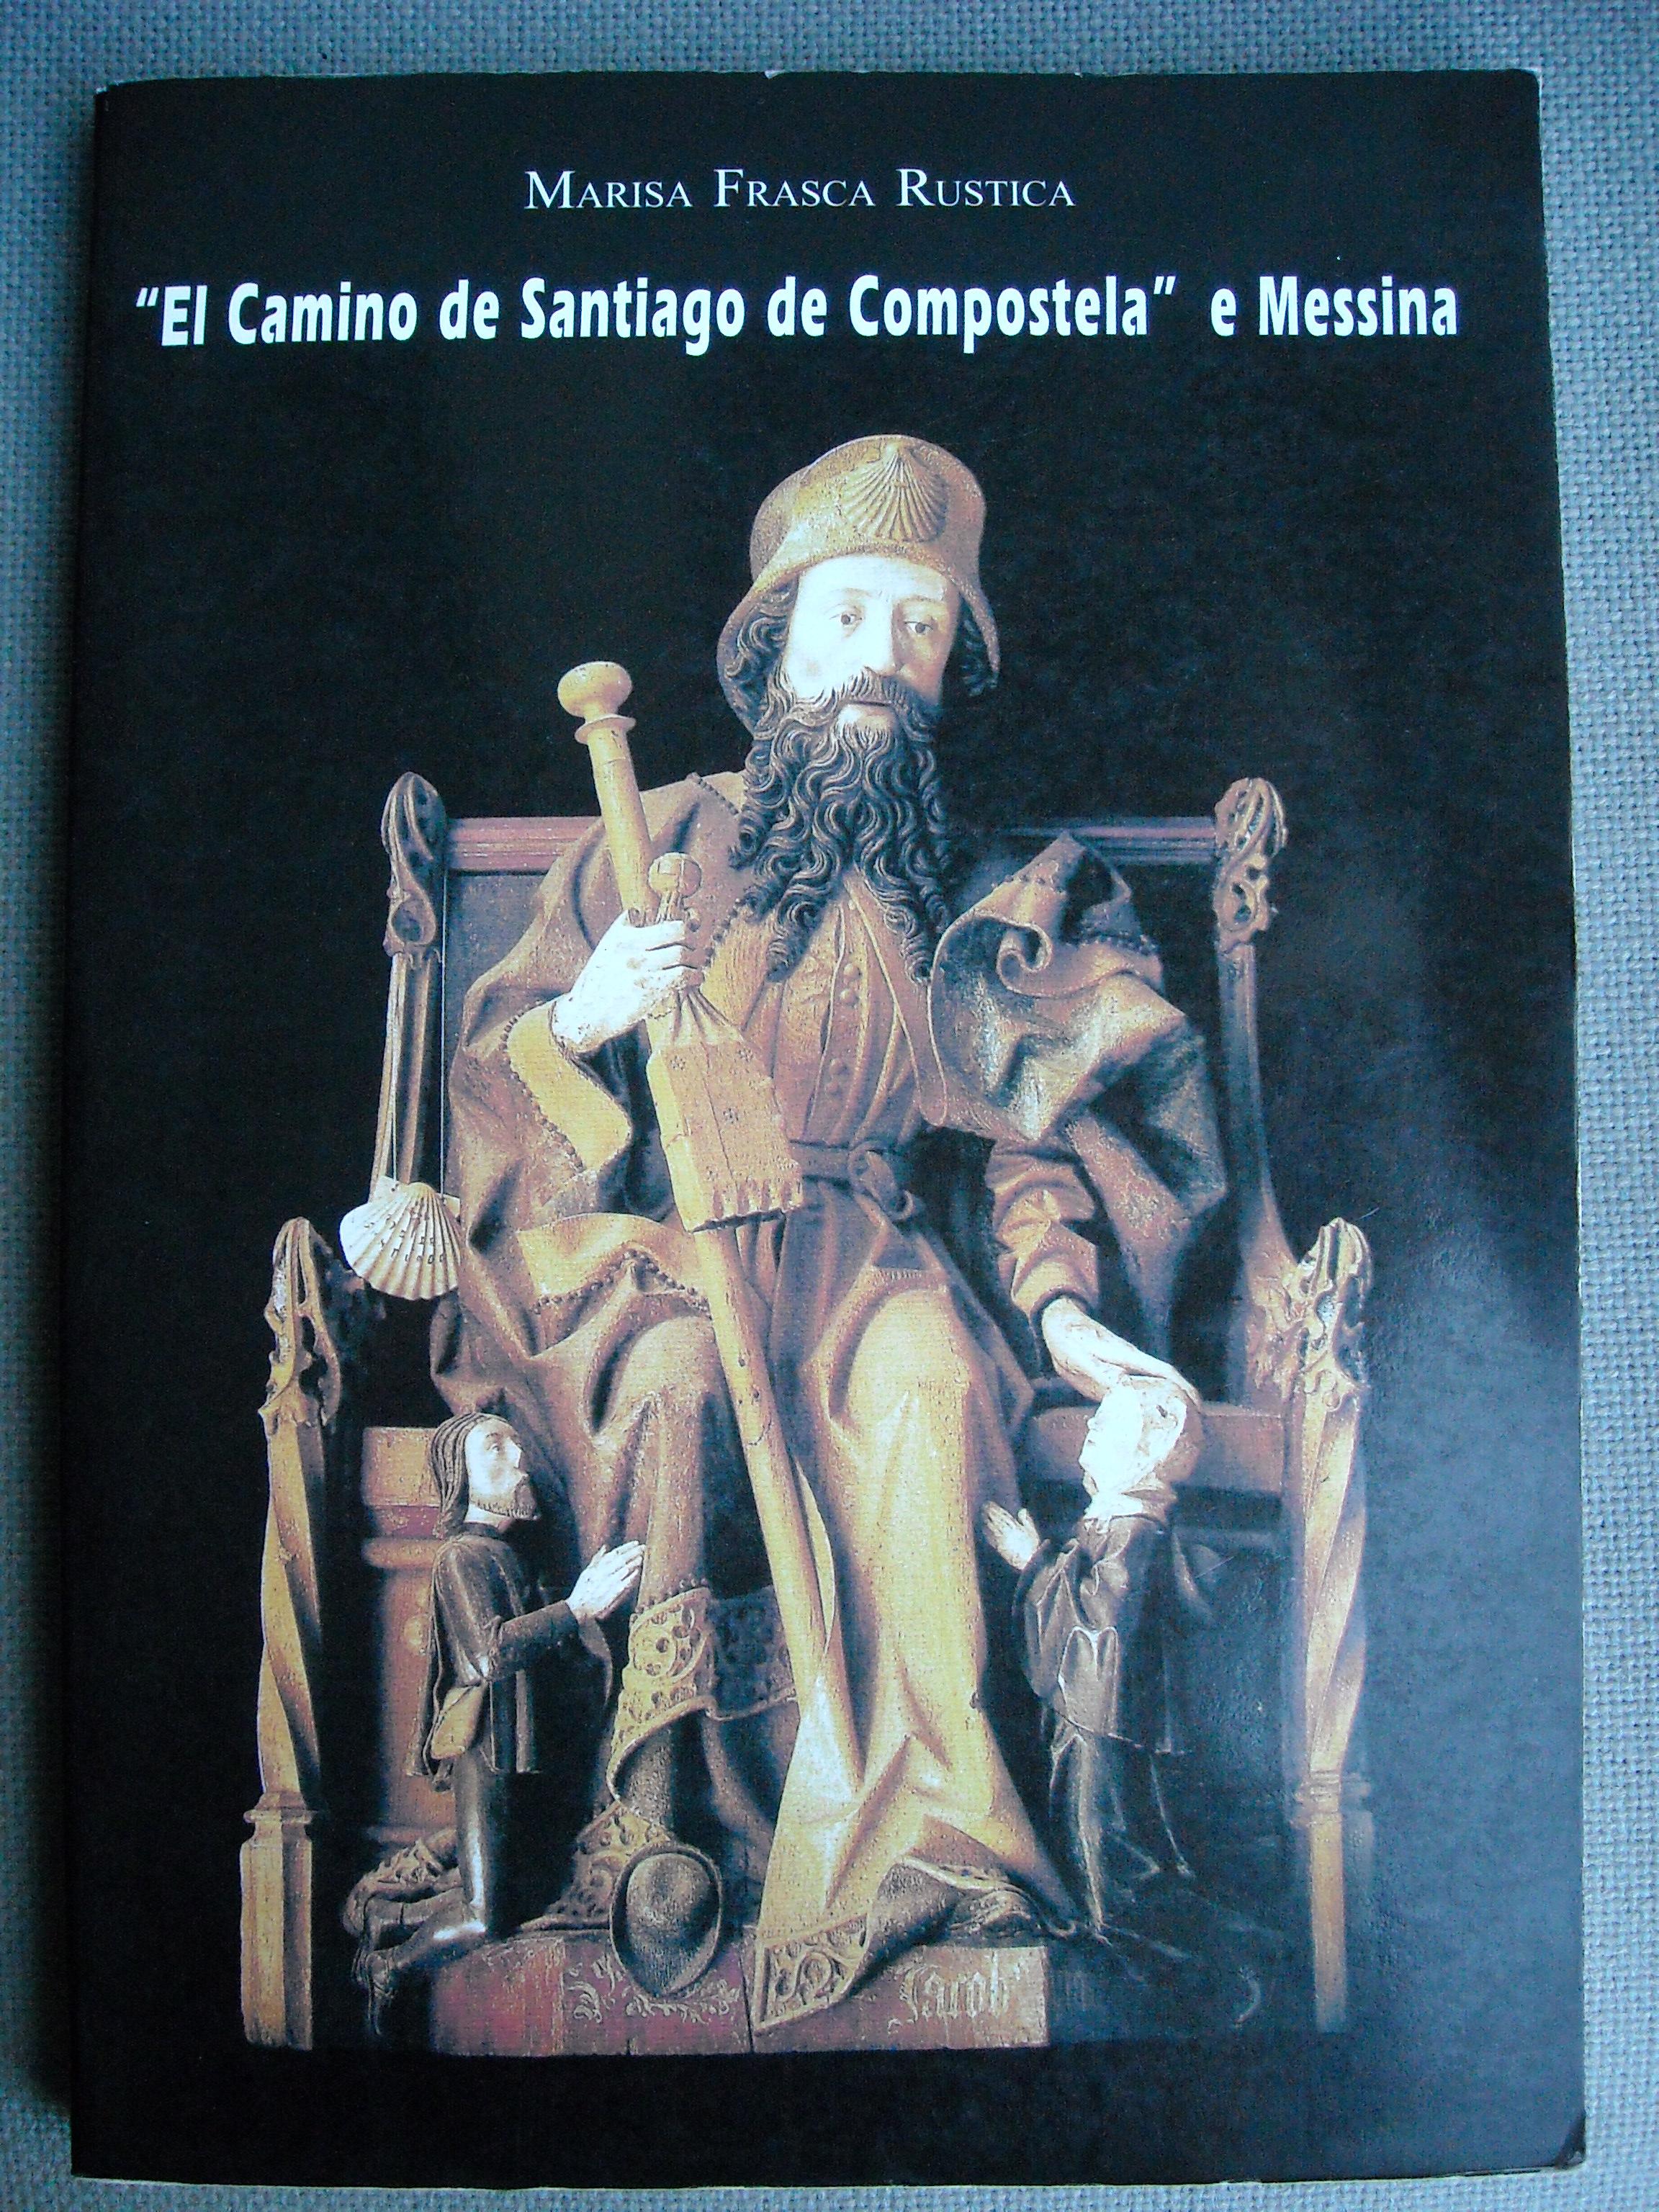 El camino de Santiago de Compostela e Messina